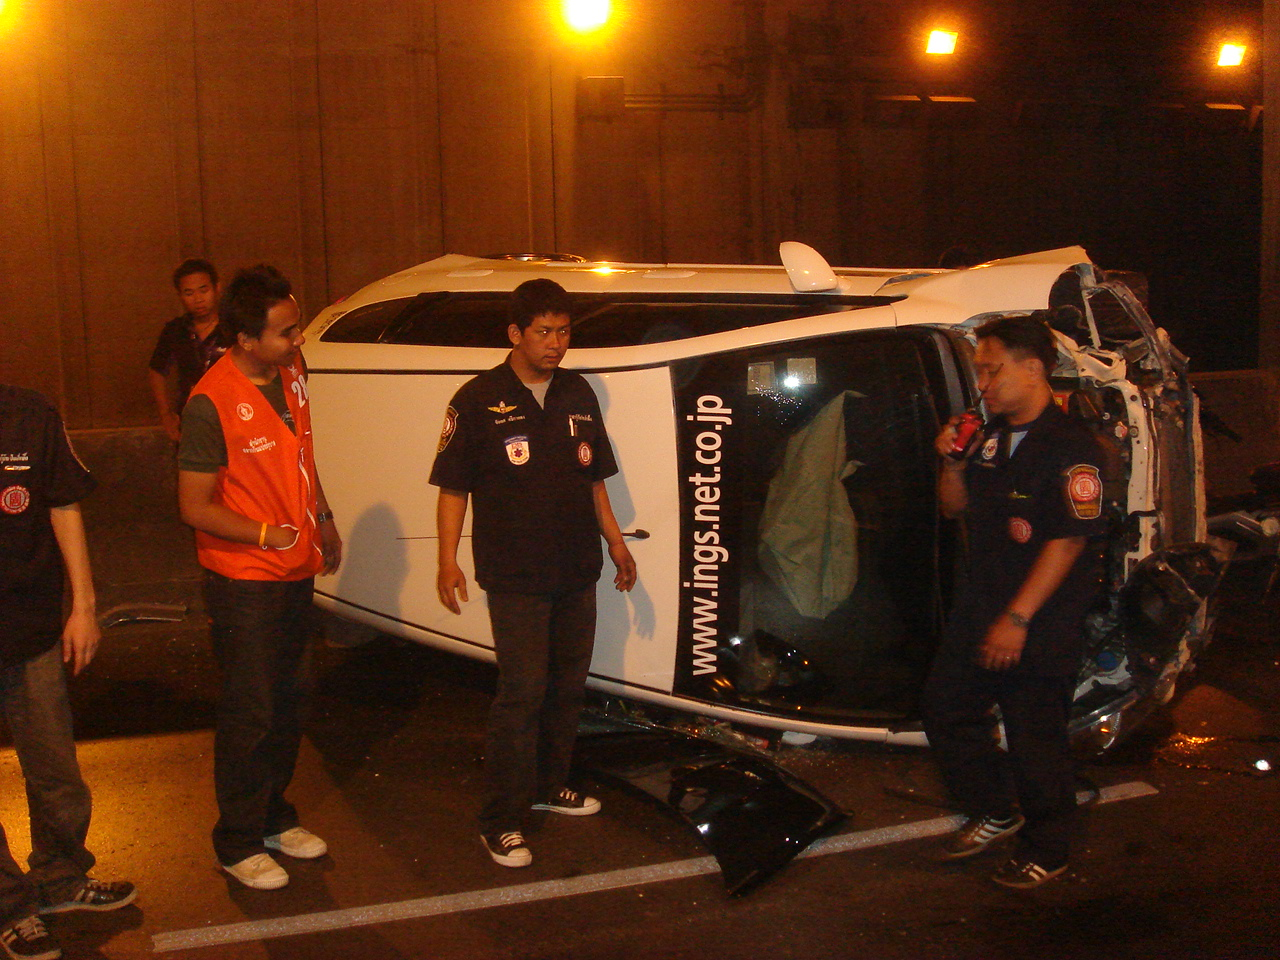 街中の事故現場で活躍するのはボランティア隊員